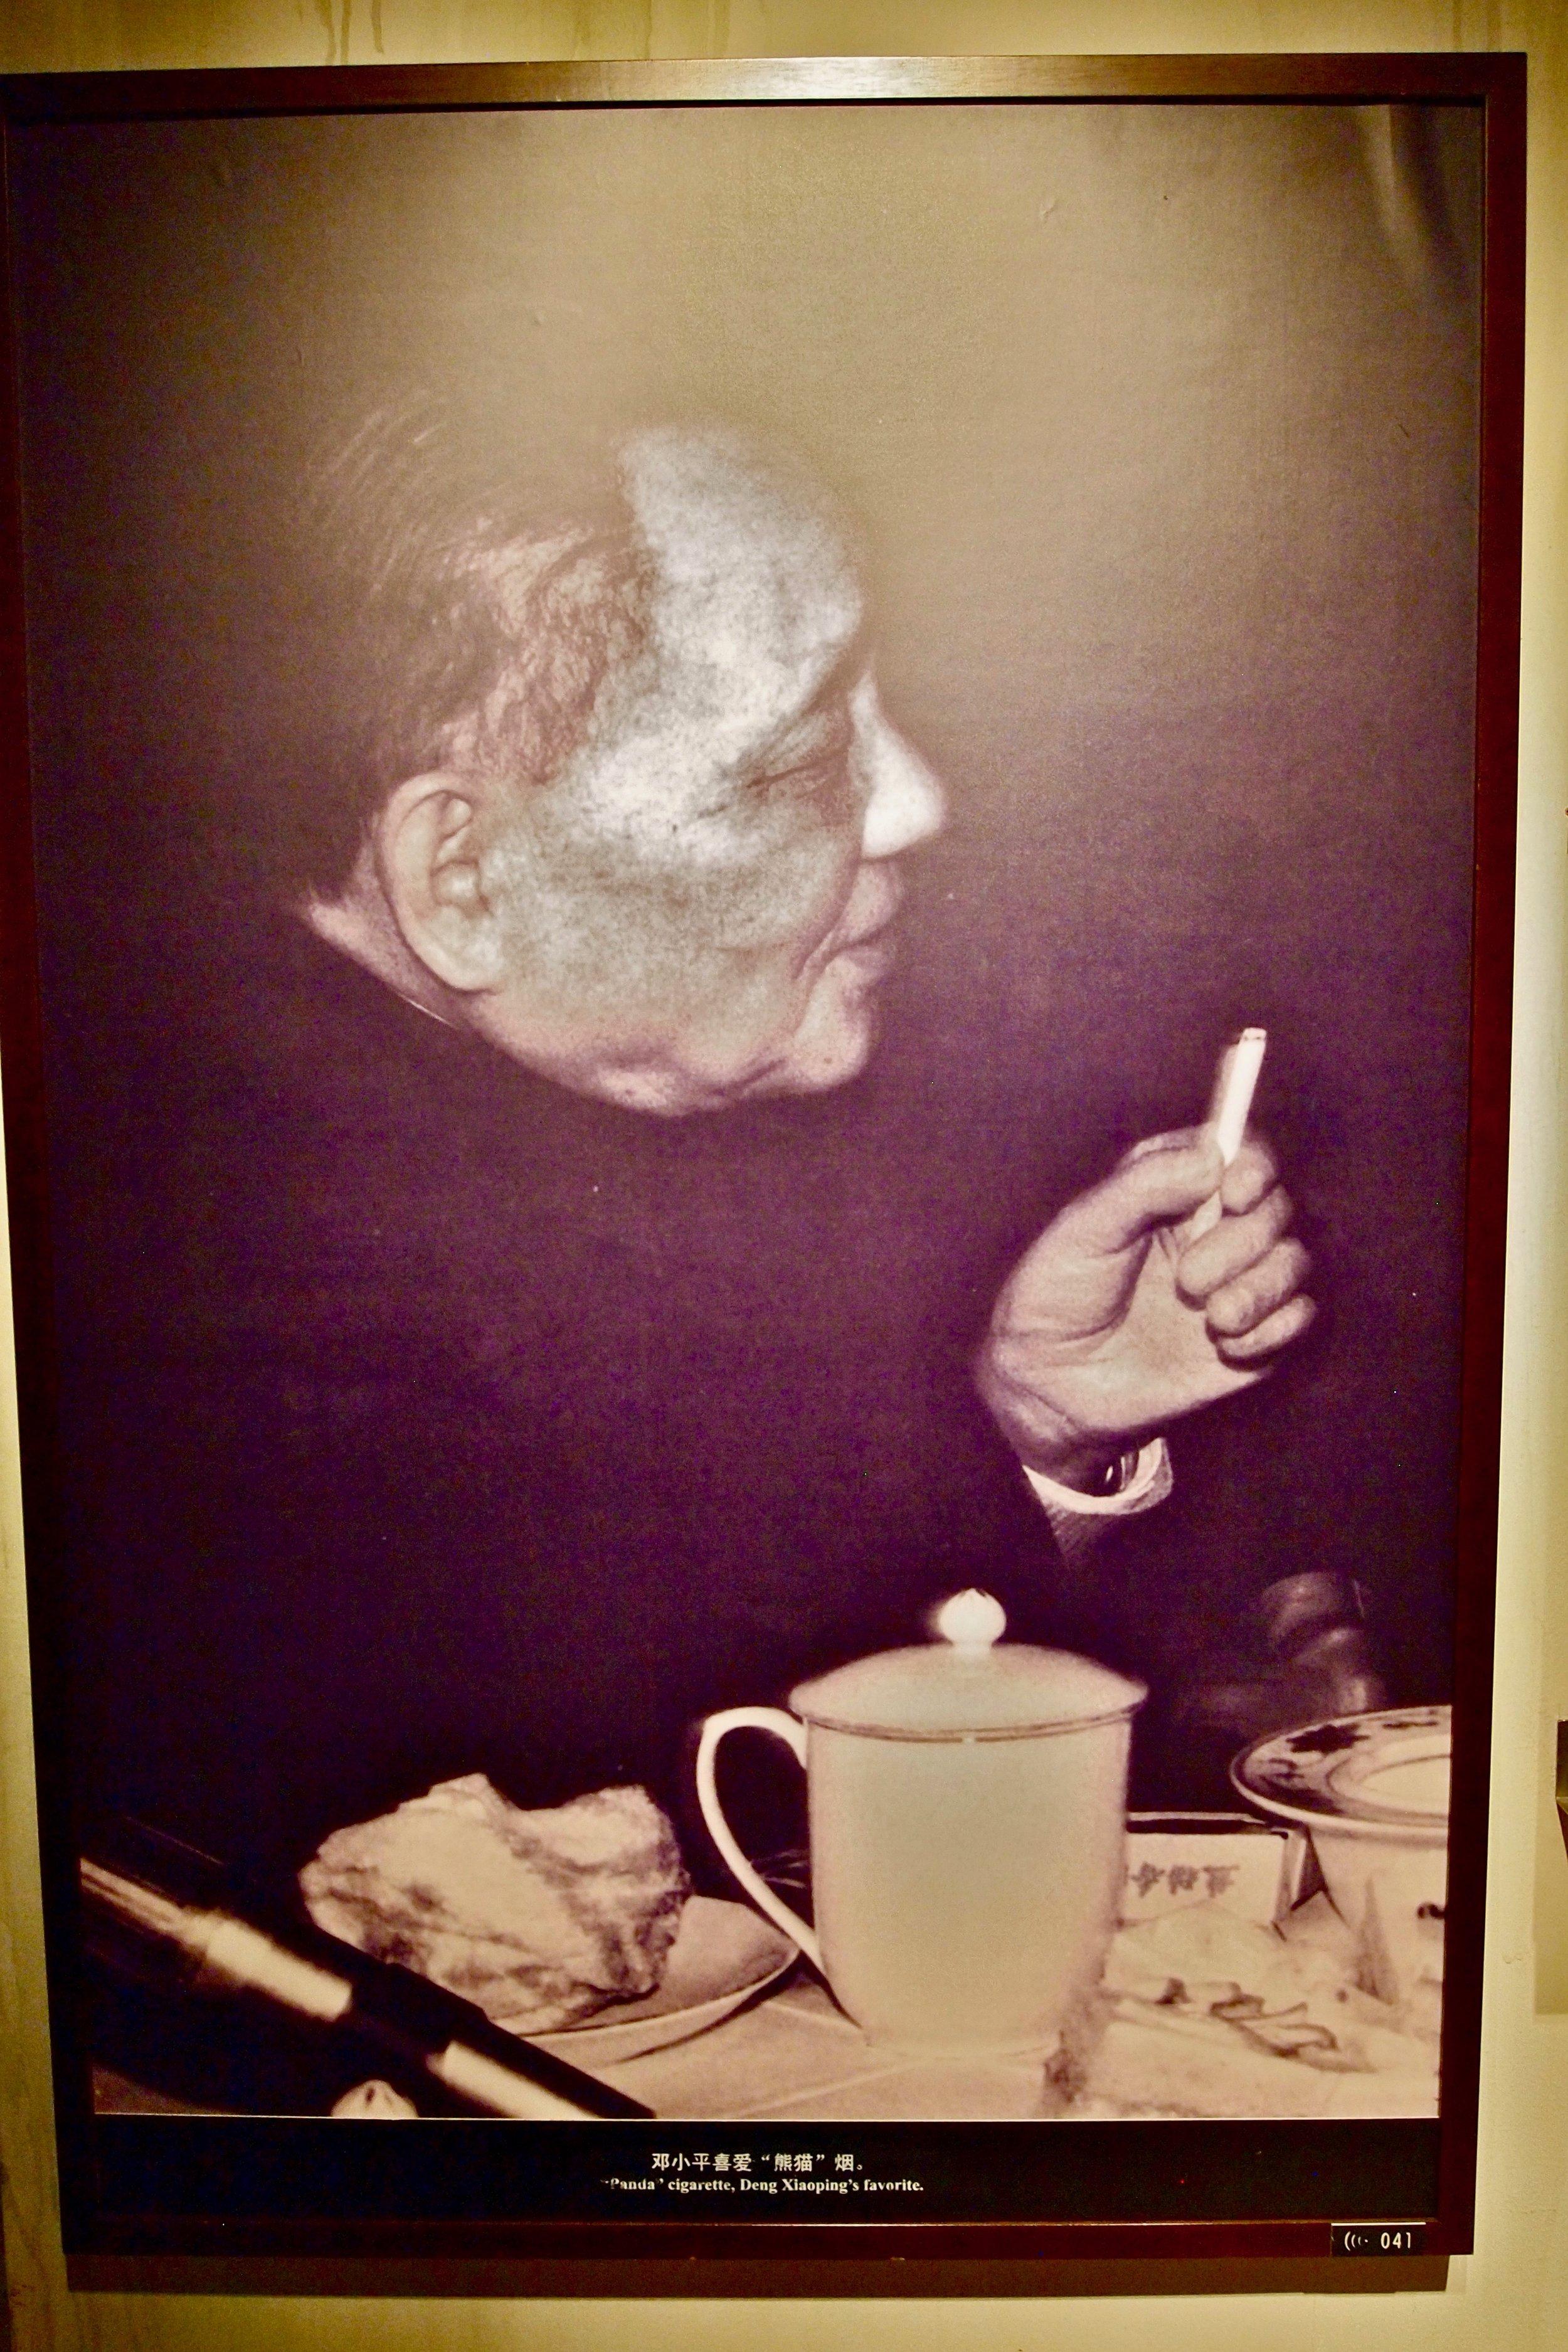 Deng Xiaoping smoking his favorite Panda brand cigarette.